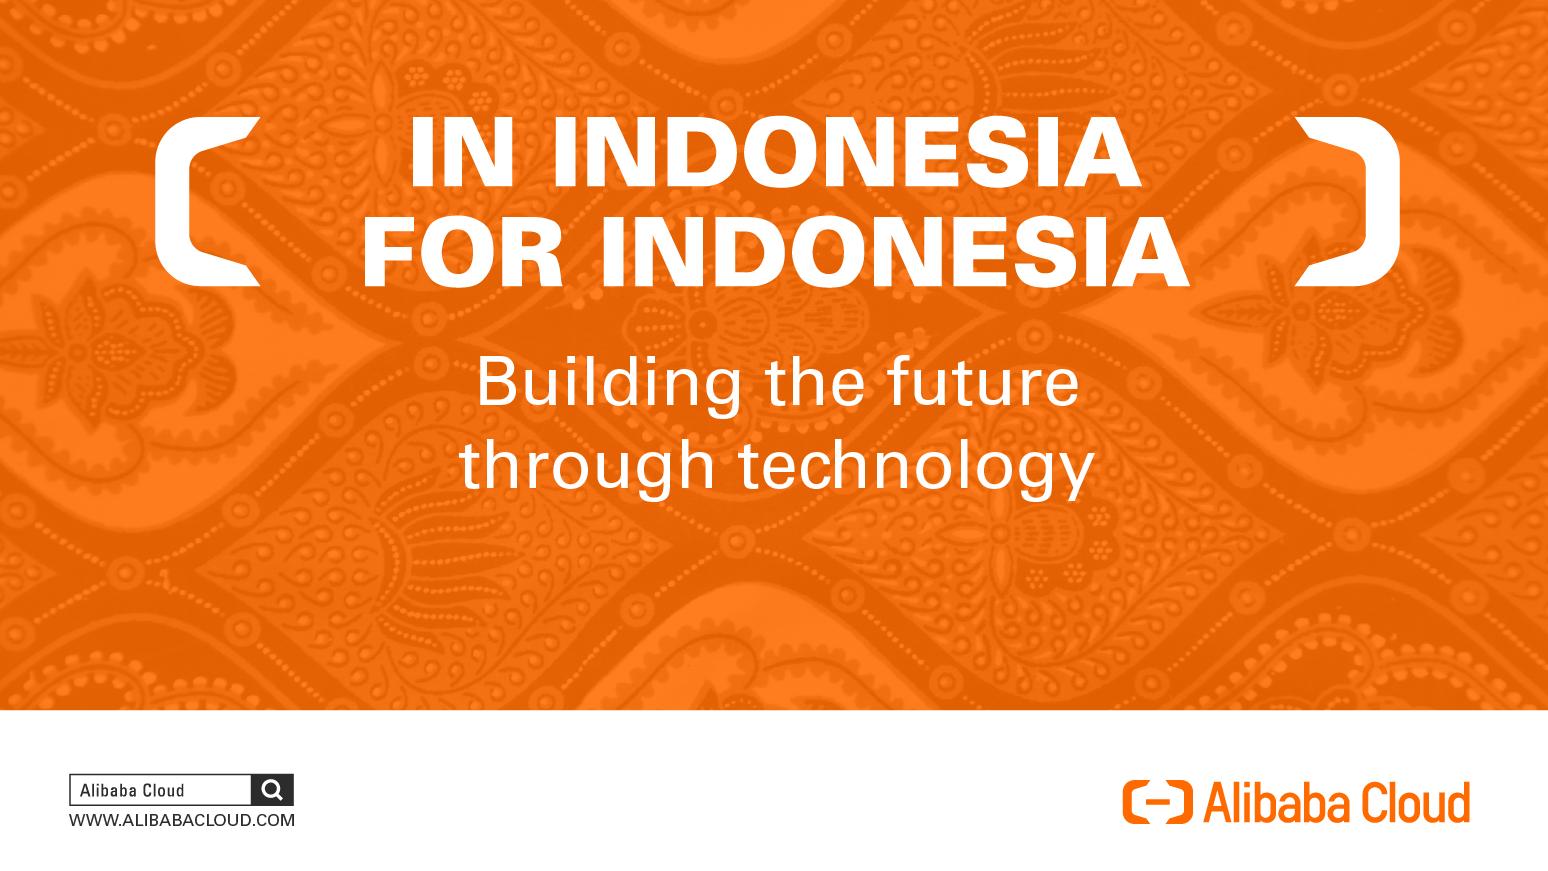 alibabacloud-indonesia